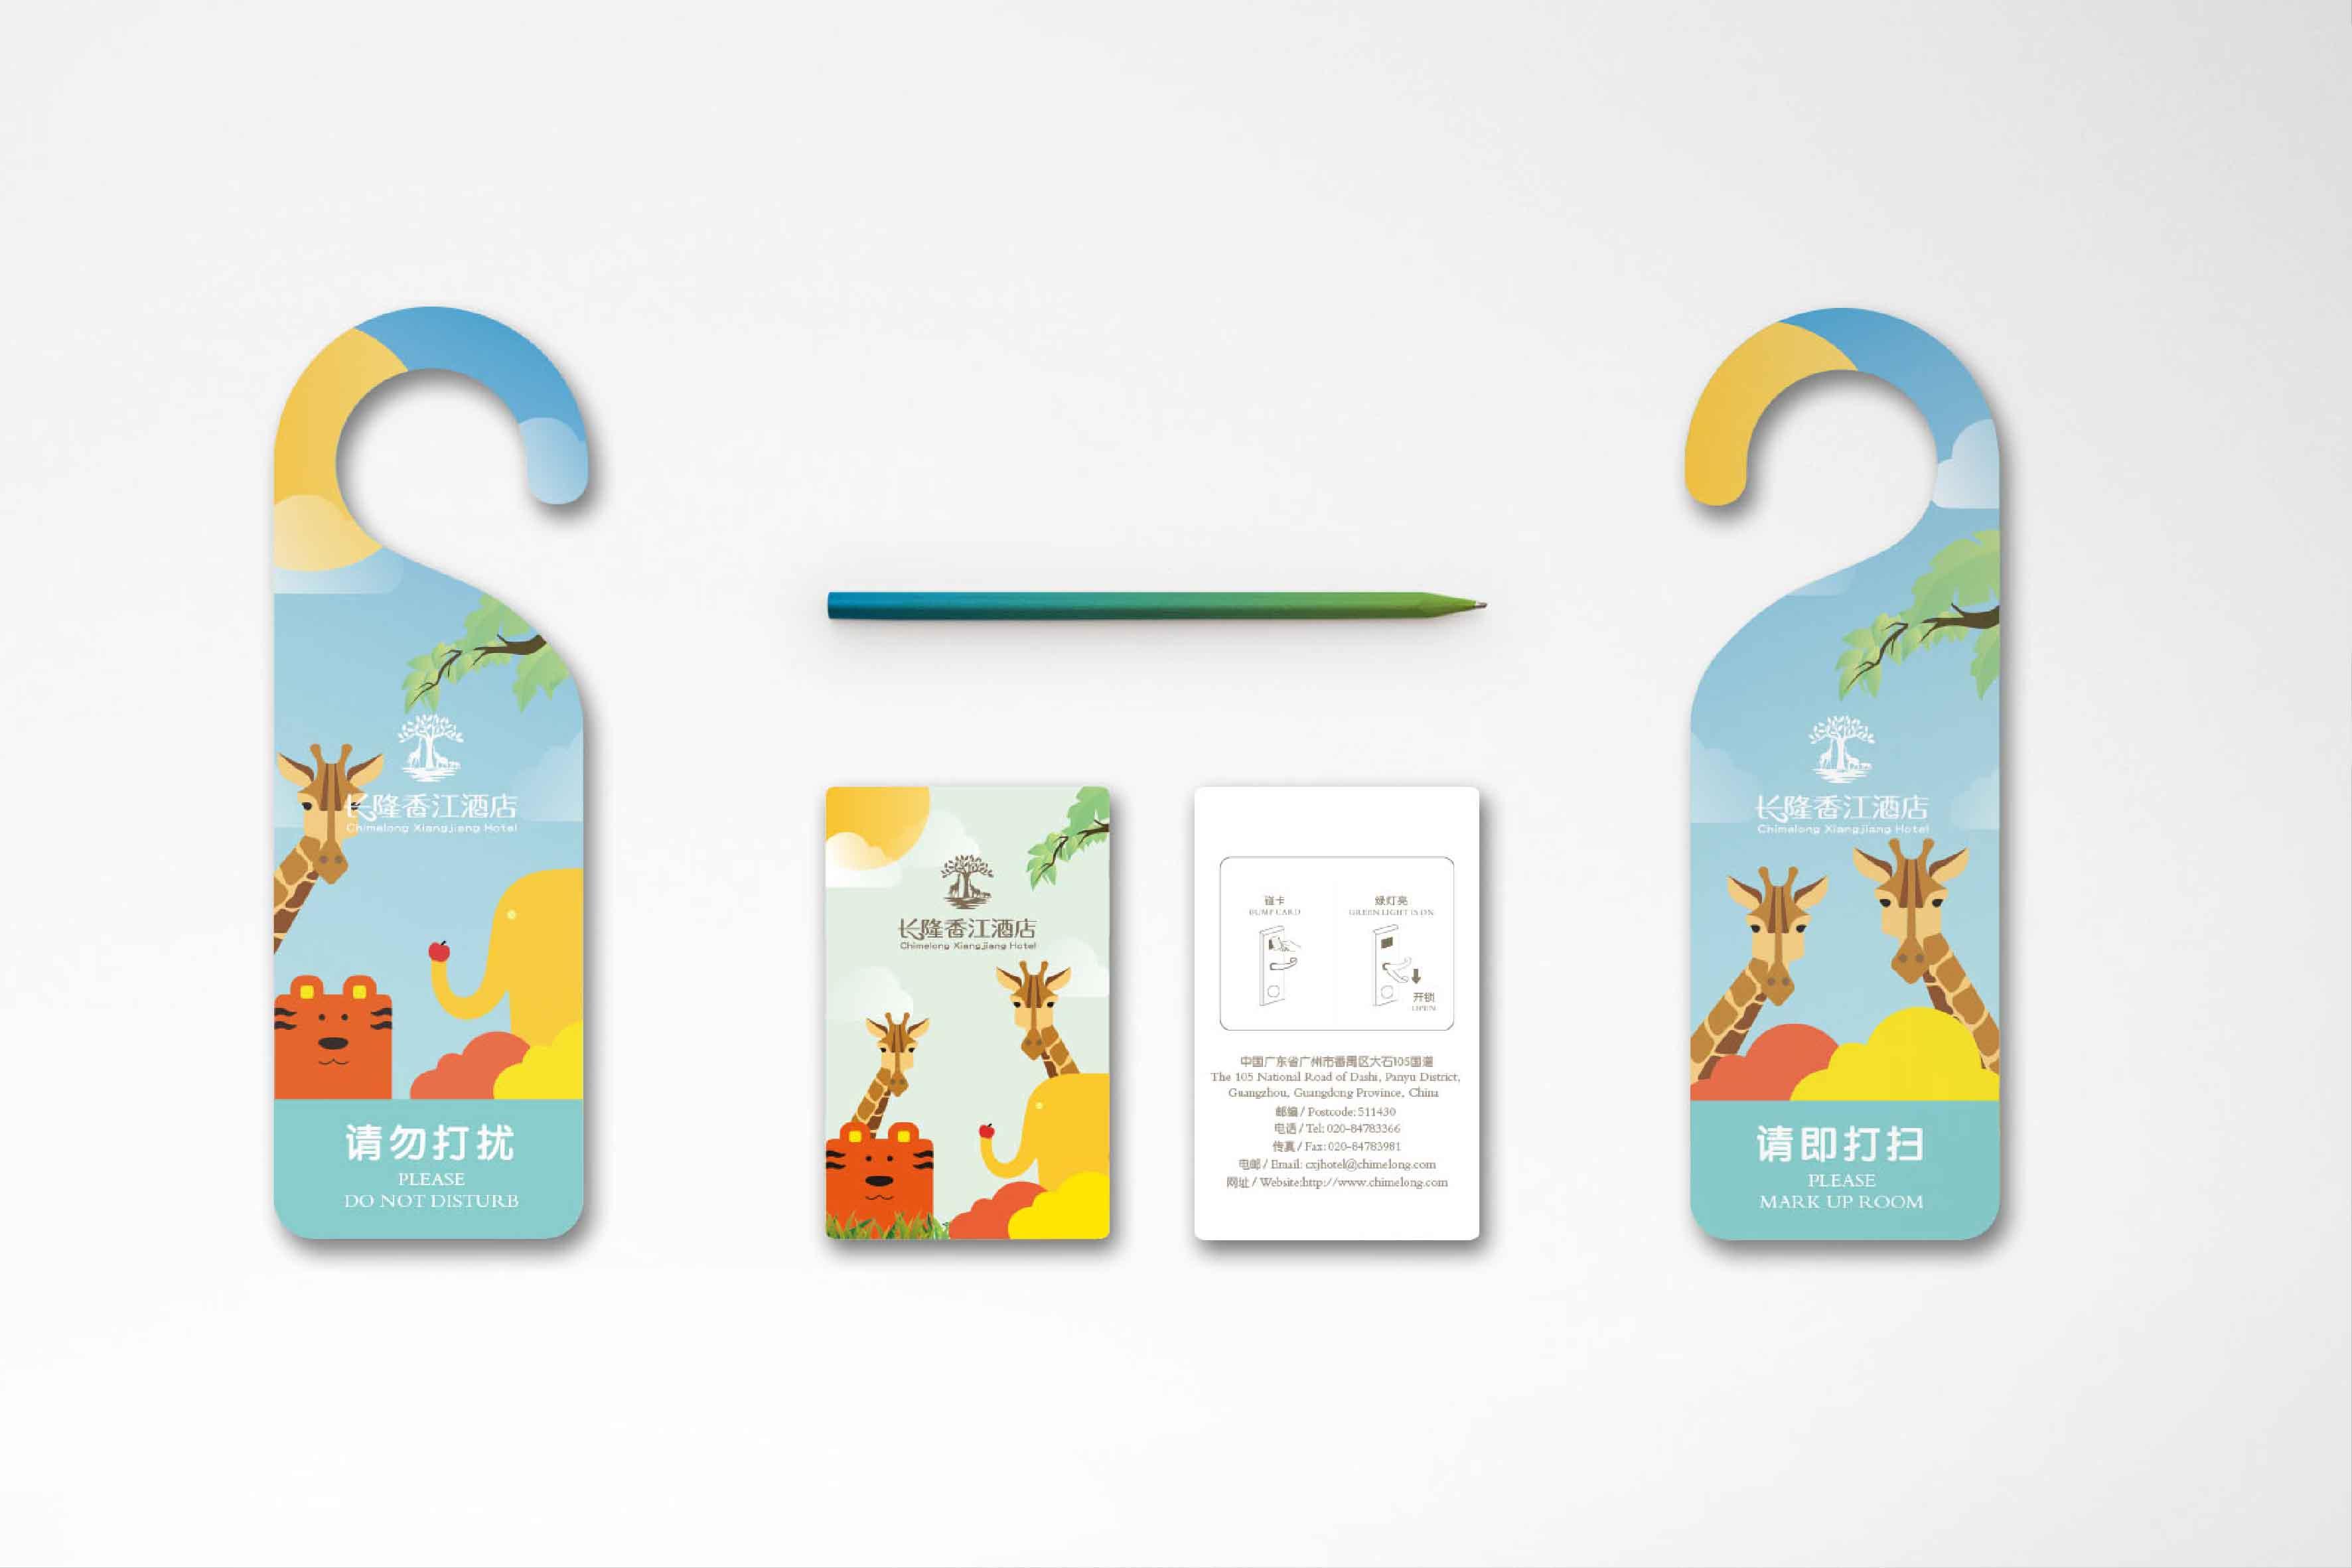 文旅品牌设计,长隆香江酒店品牌设计,文旅VI形象,文旅视觉设计,文旅设计公司